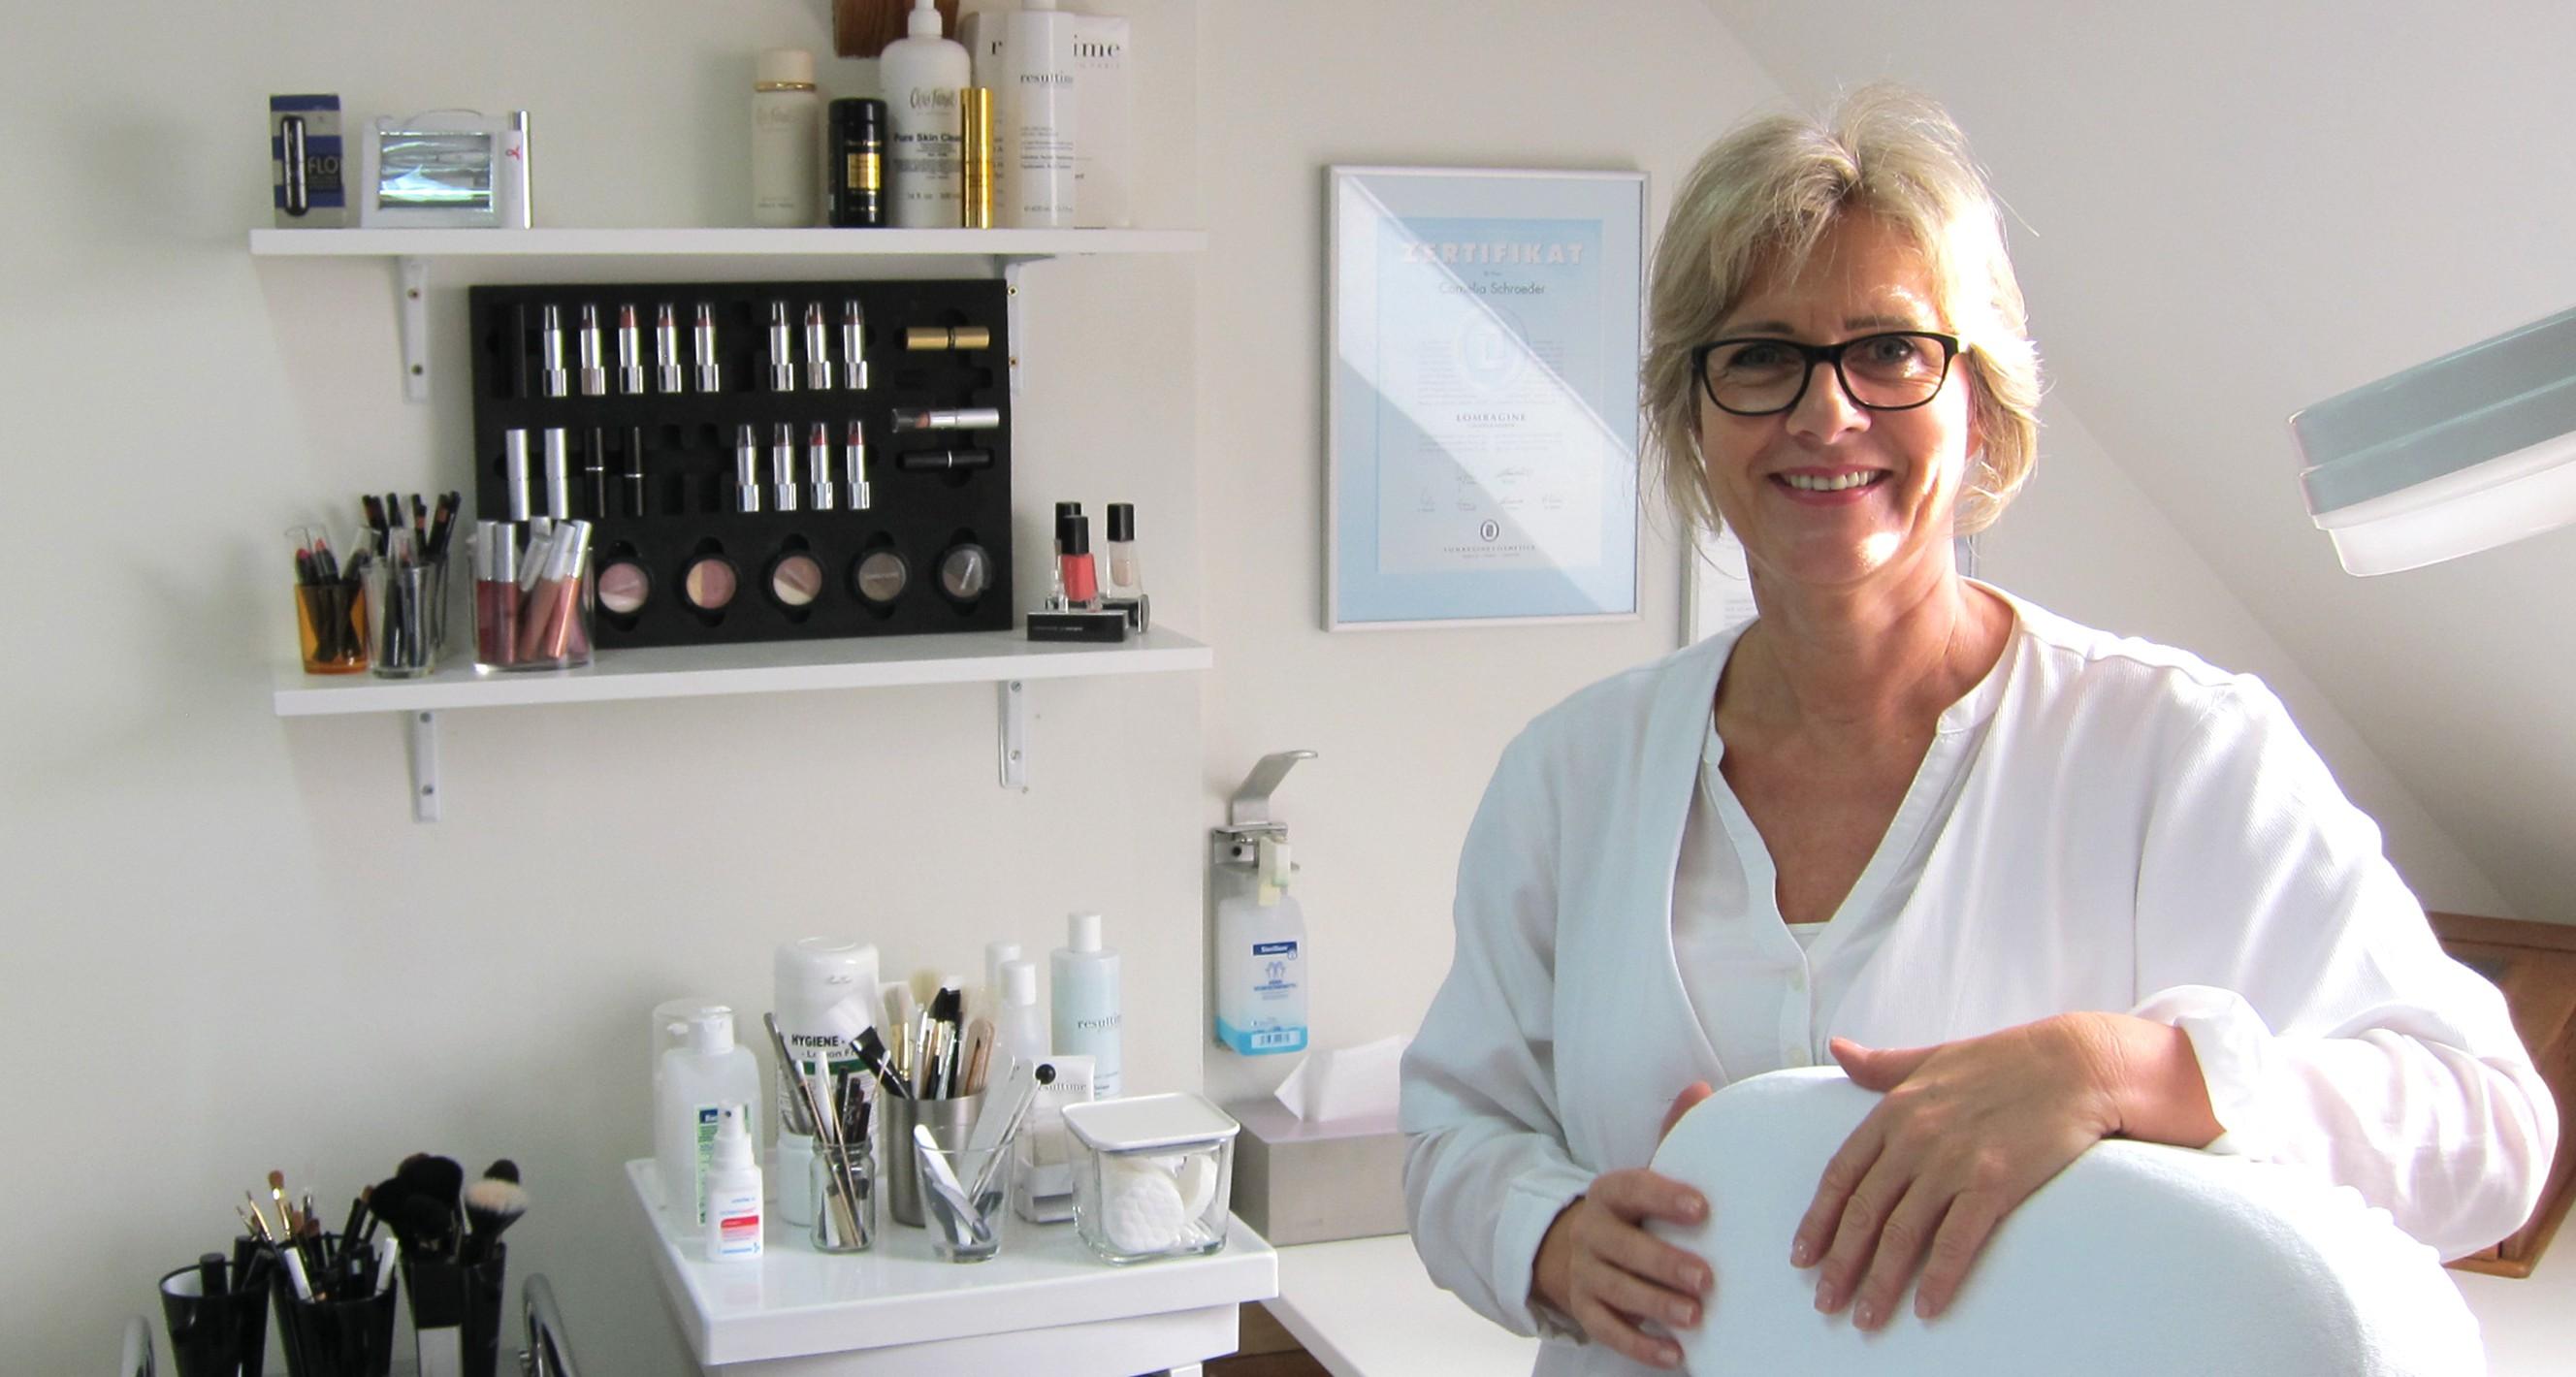 Kosmetik Scherer-Schroeder